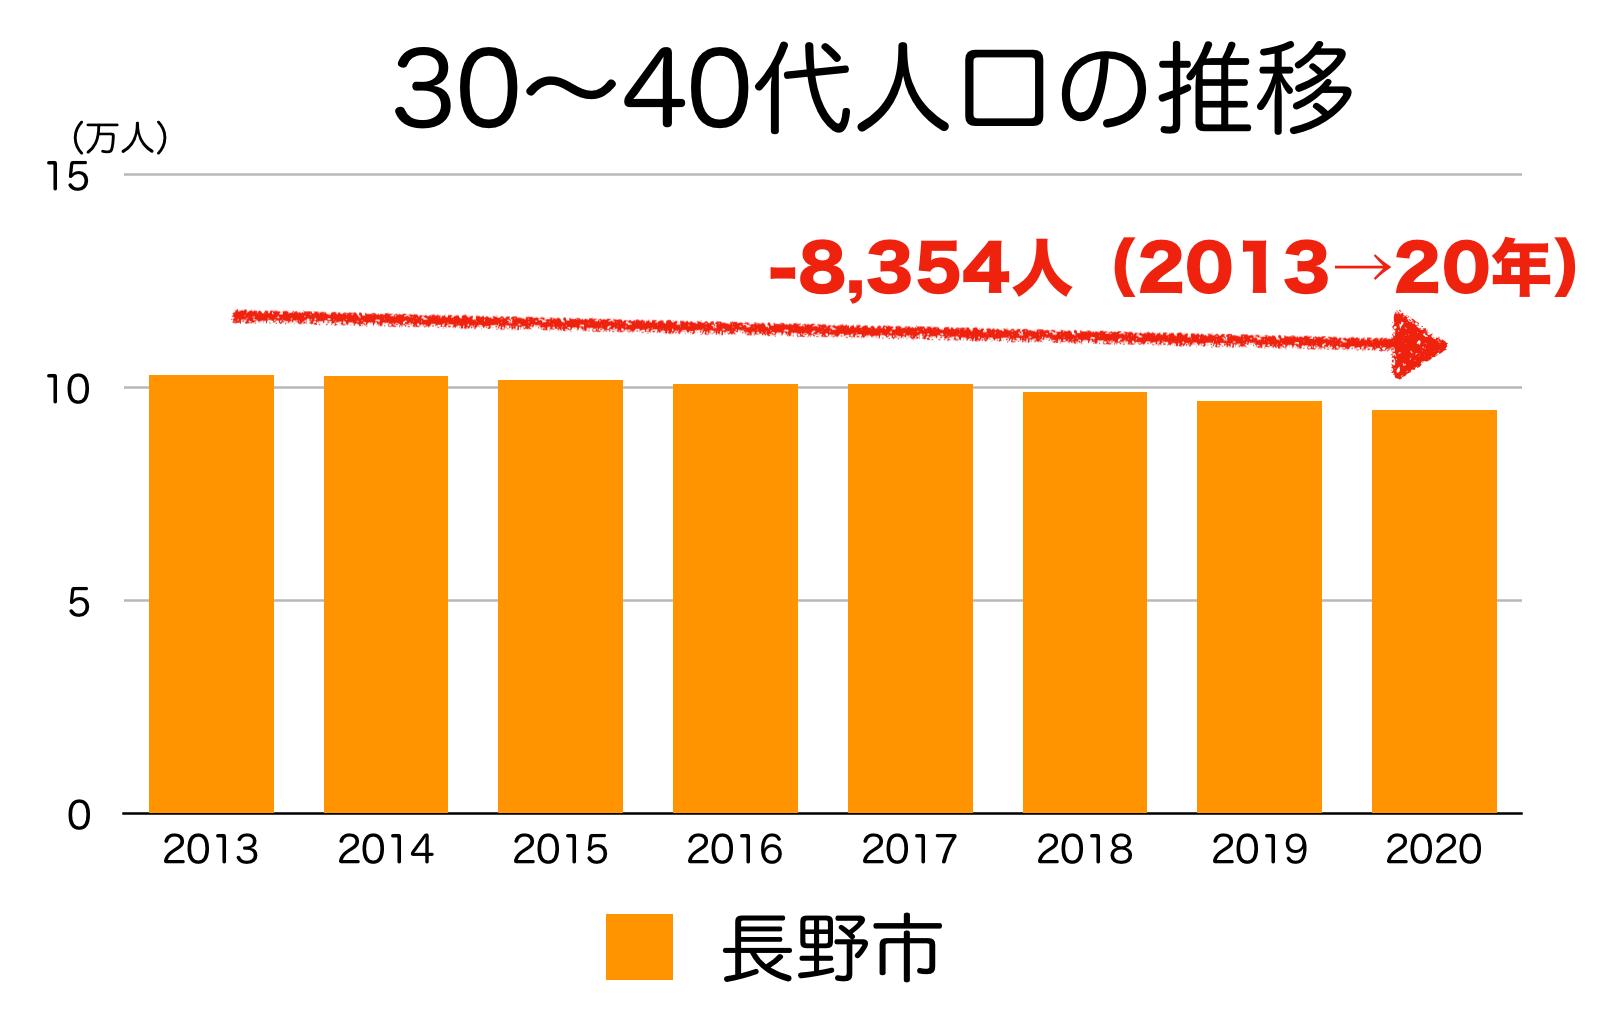 長野市の30〜40代人口の推移